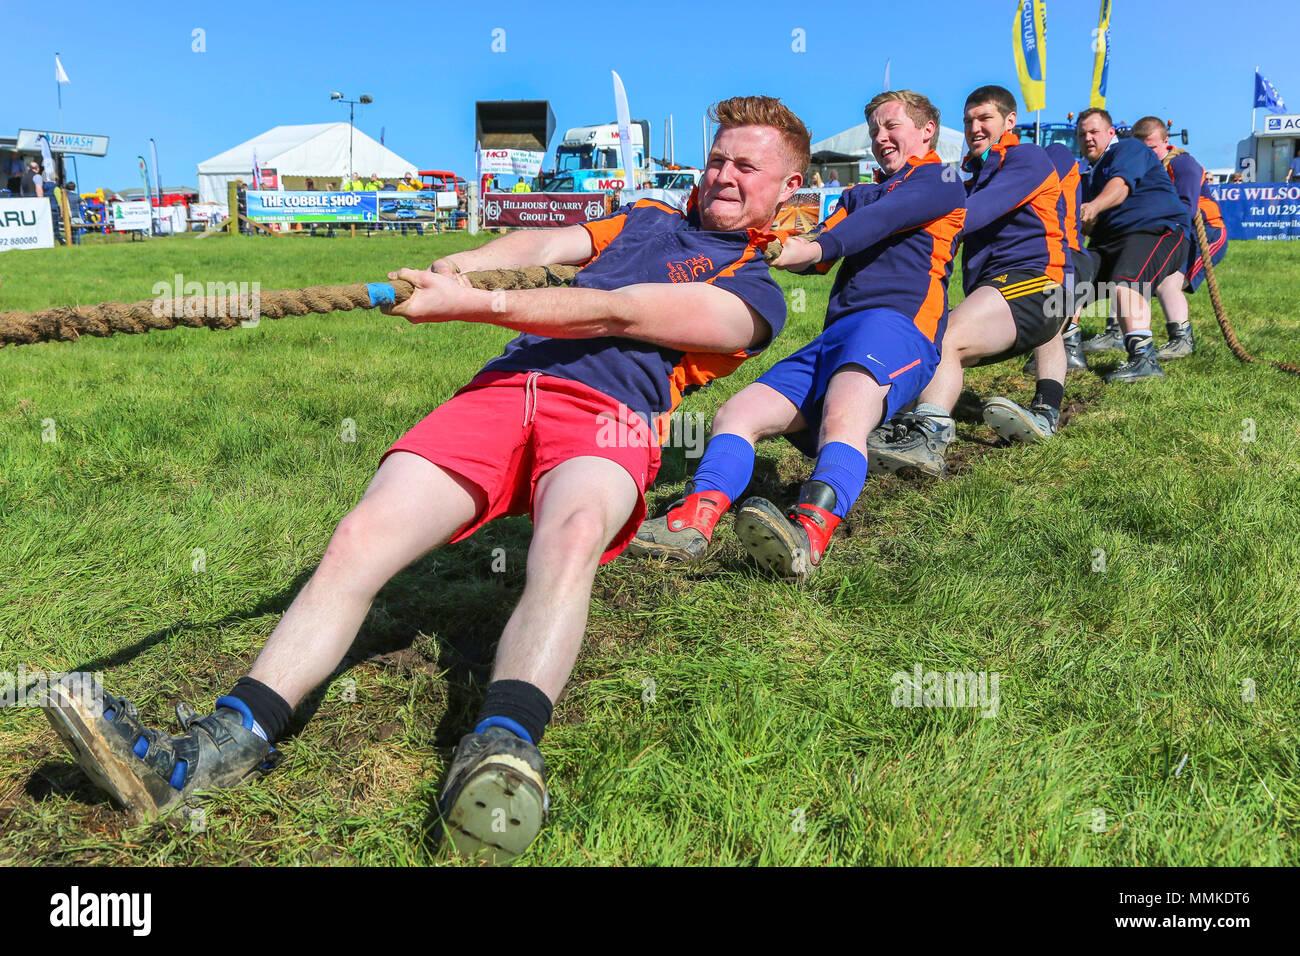 """L'Ayrshire, UK. 12 mai 2018. Par une chaude journée ensoleillée et peut, le comté d'Ayr annuel Show qui a eu lieu à l'hippodrome d'Ayr a attiré des centaines de participants au concours agricole et aussi des milliers de spectateurs. Ainsi que l'habituel concours de bovins, de moutons et de la volaille, il y avait des prix pour les gagnants de l'homme et la femme 'Jeunes Agriculteurs remorqueur de la guerre"""" et pour le meilleur crédit: camion décoré Findlay/Alamy Live News Photo Stock"""